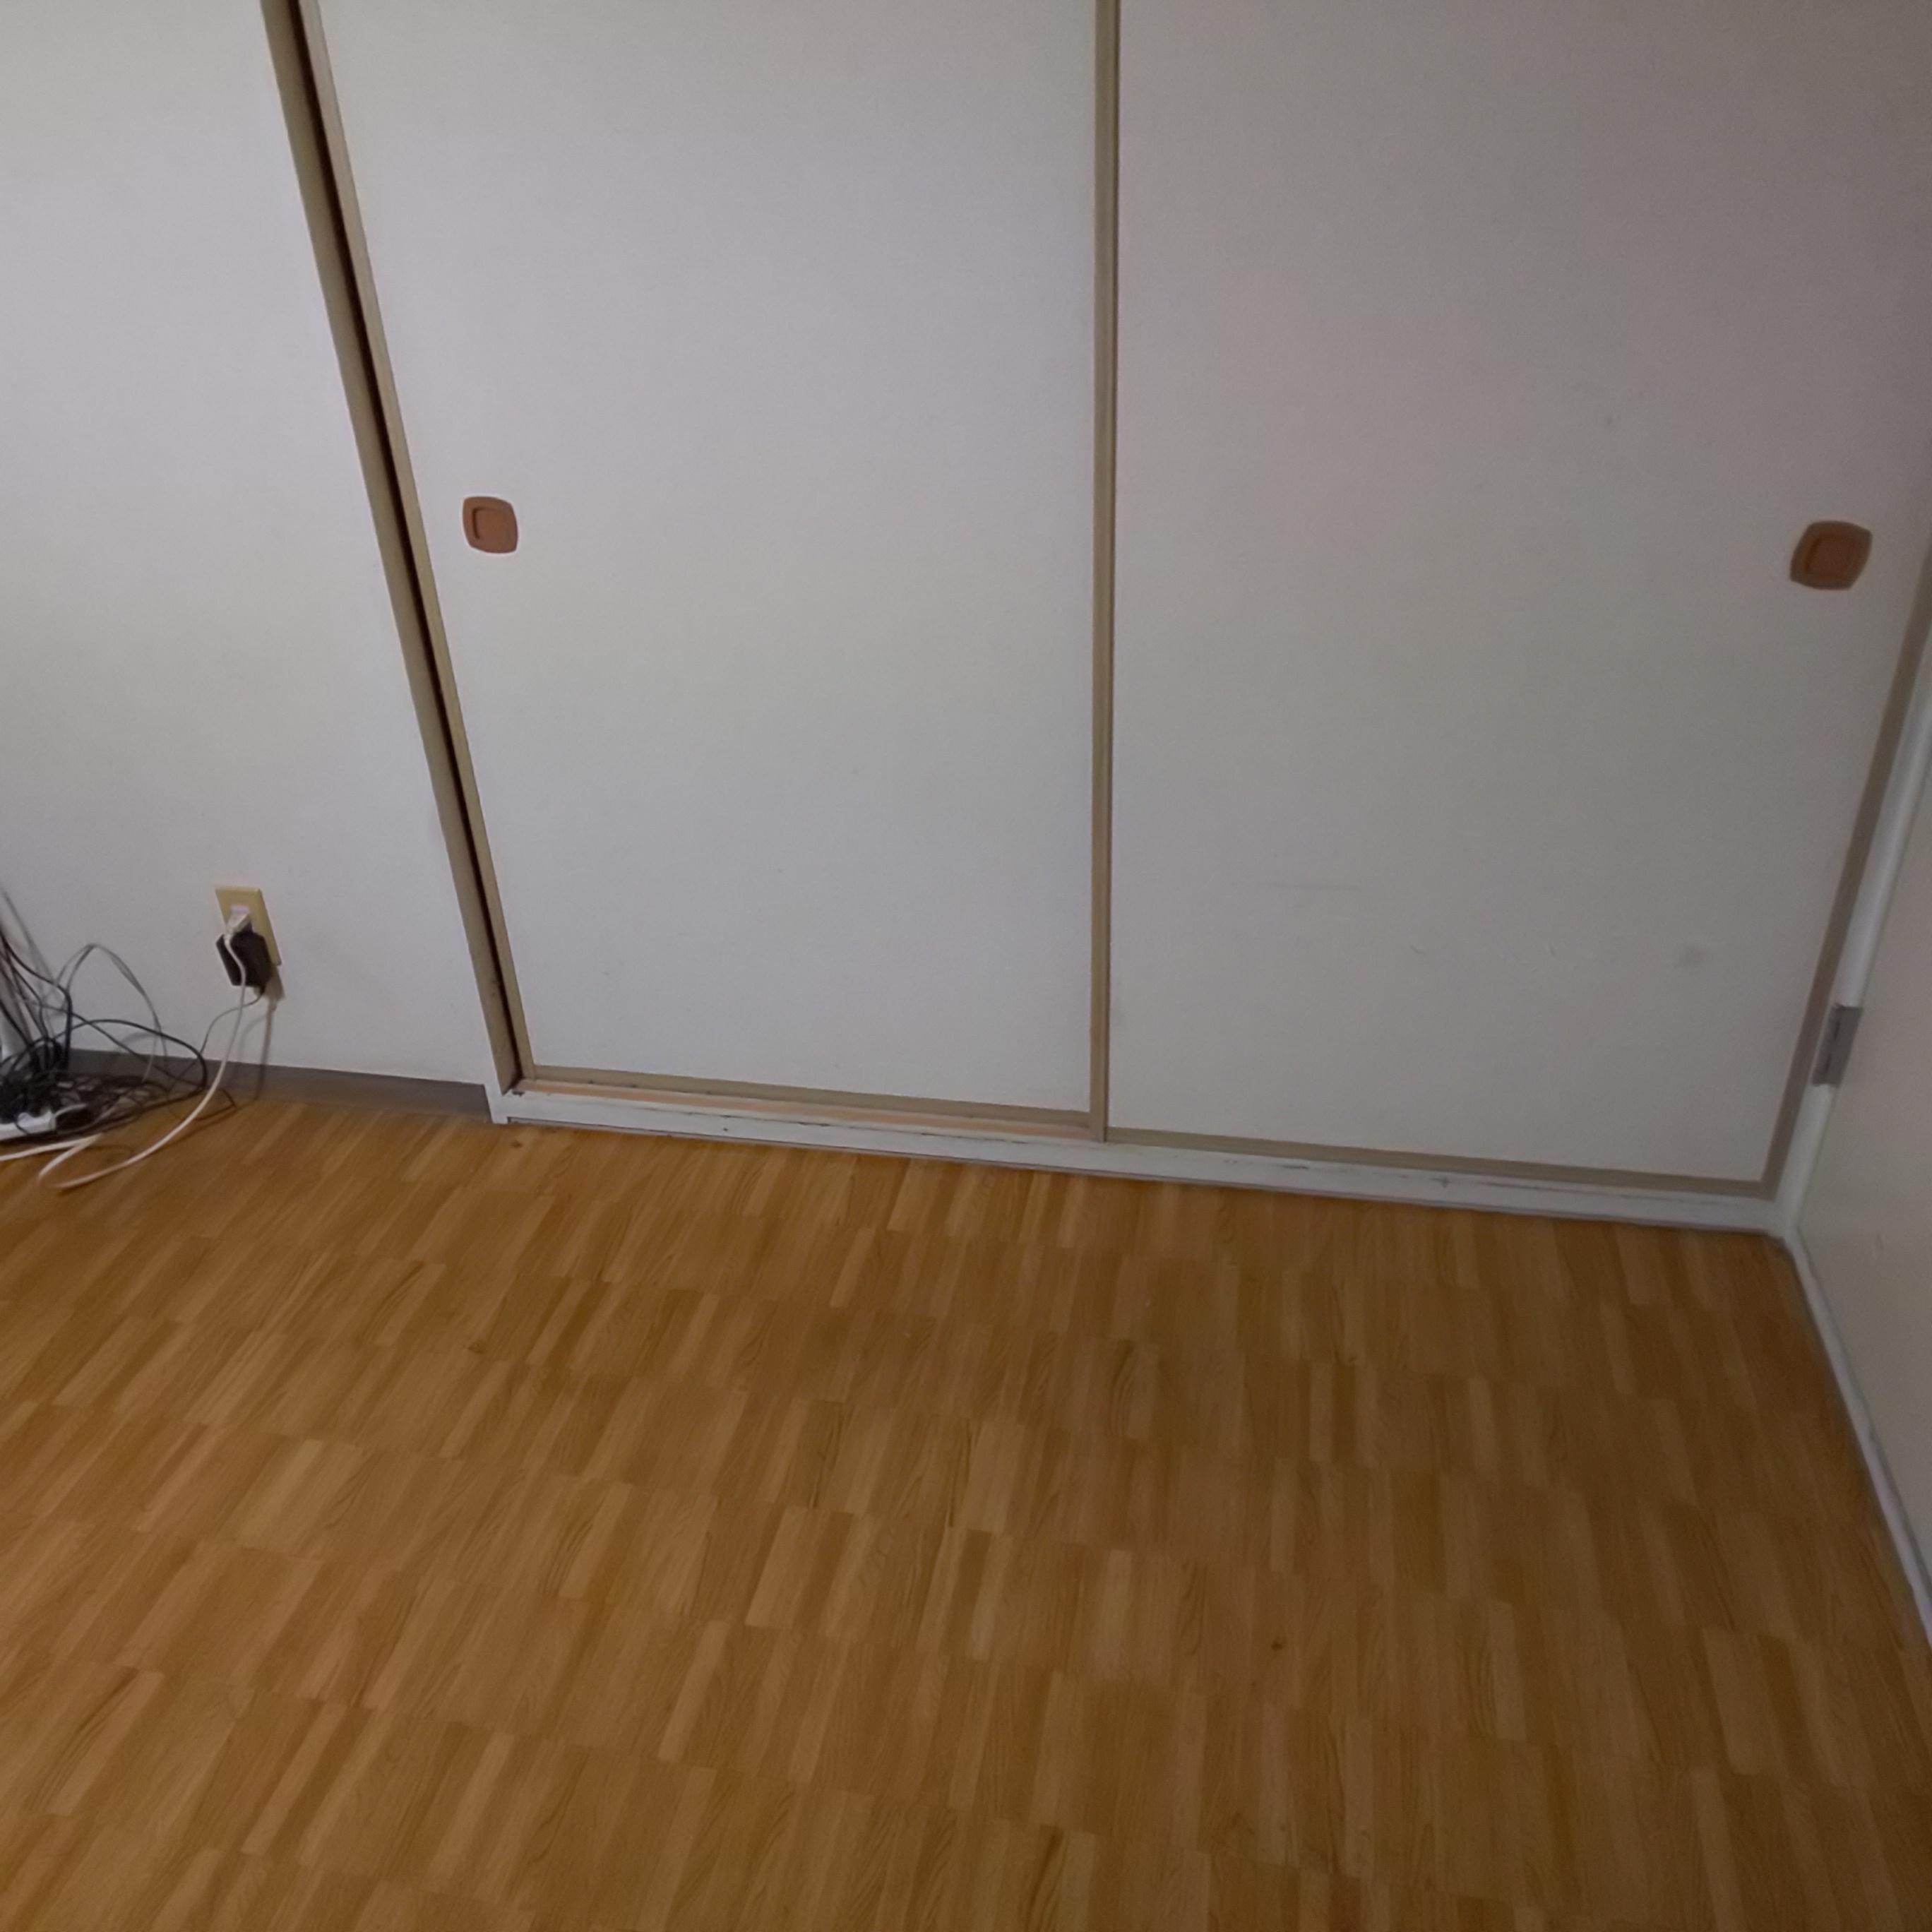 【札幌市東区】学習机を当日回収☆お部屋が広くなった、とご満足いただけました!